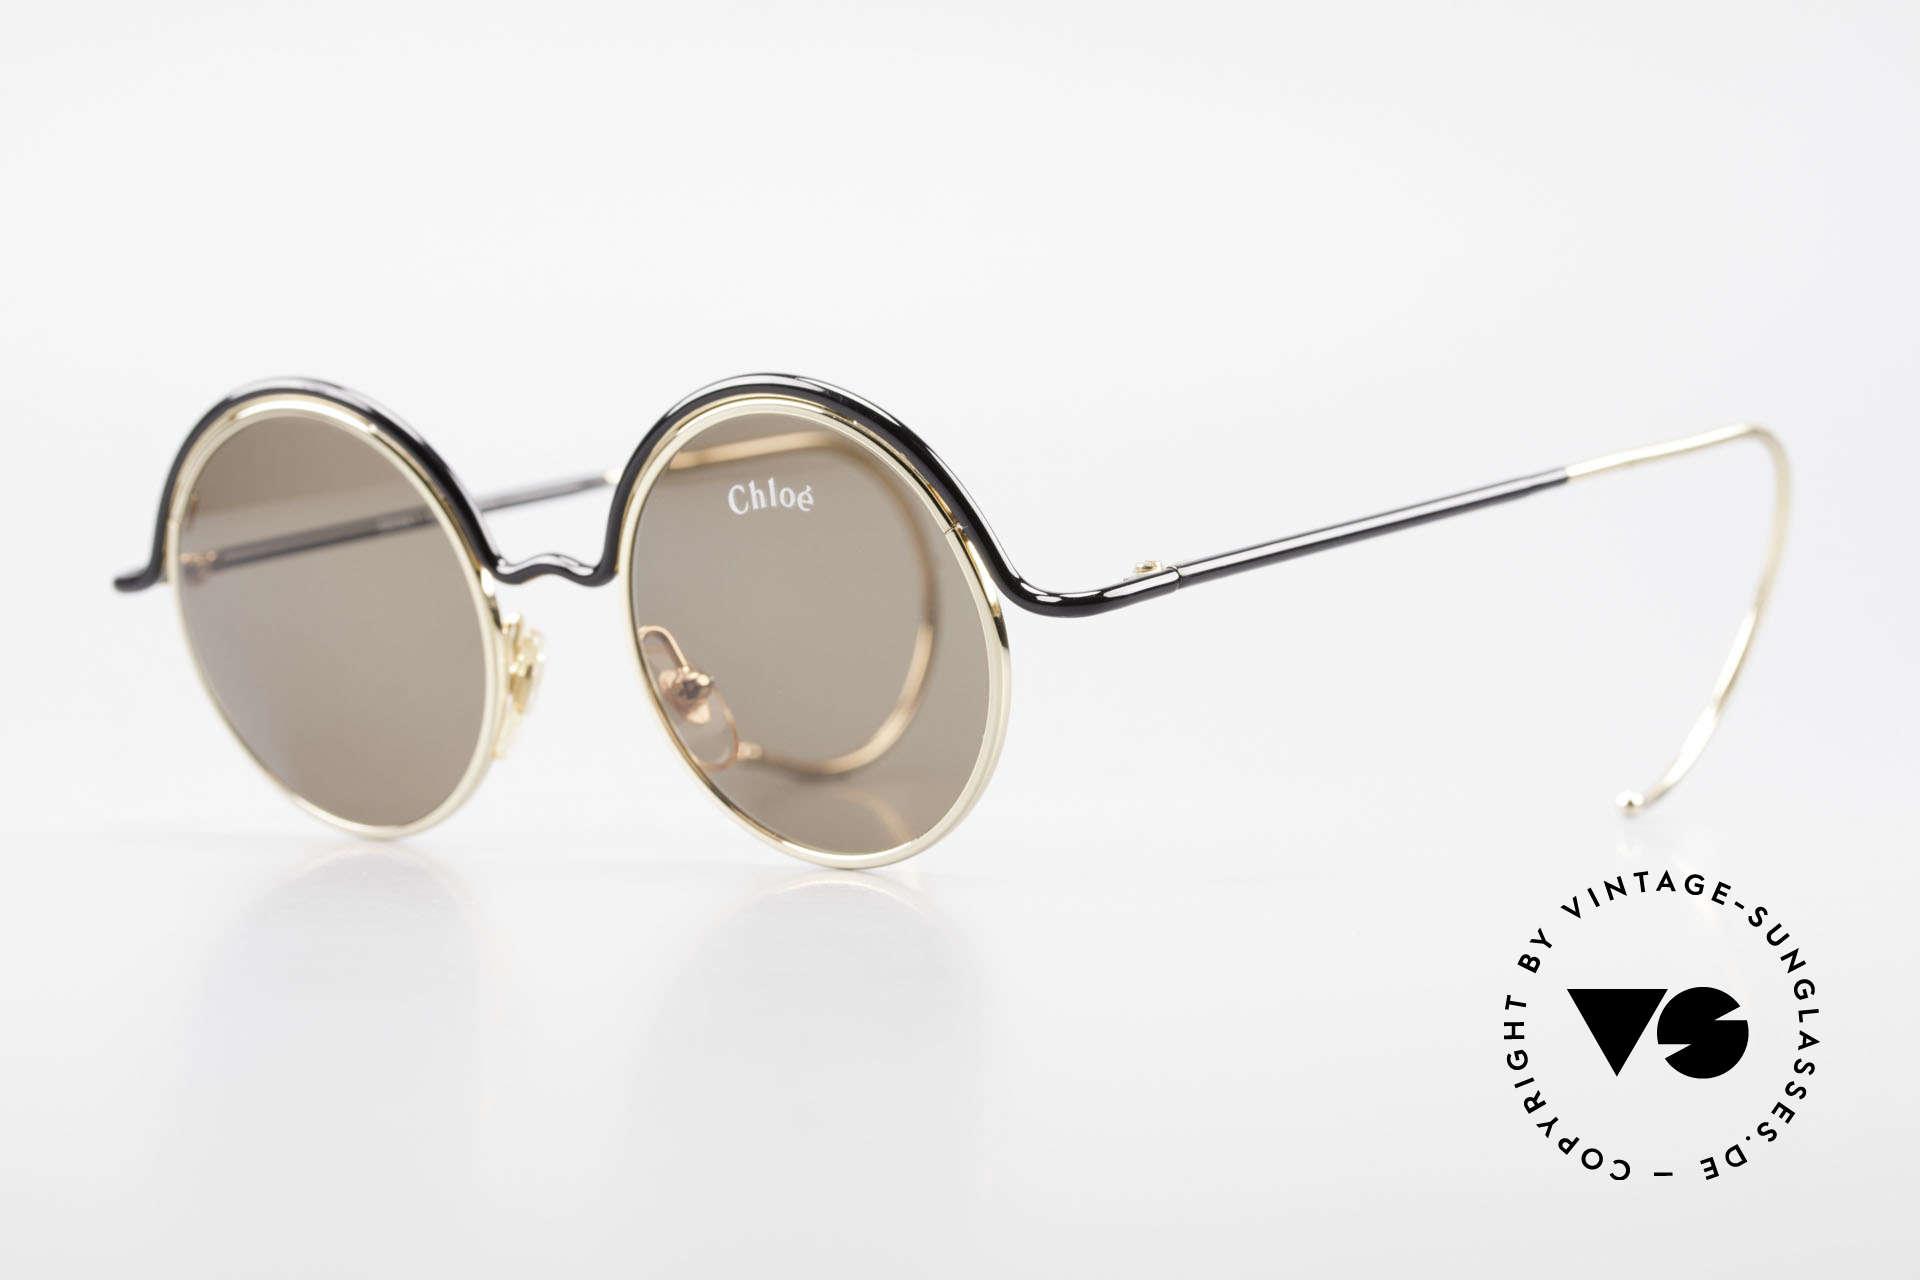 Chloe Show 1 Runde Sonnenbrille Damen, sehr elegantes Farbkonzept in schwarz und gold, Passend für Damen